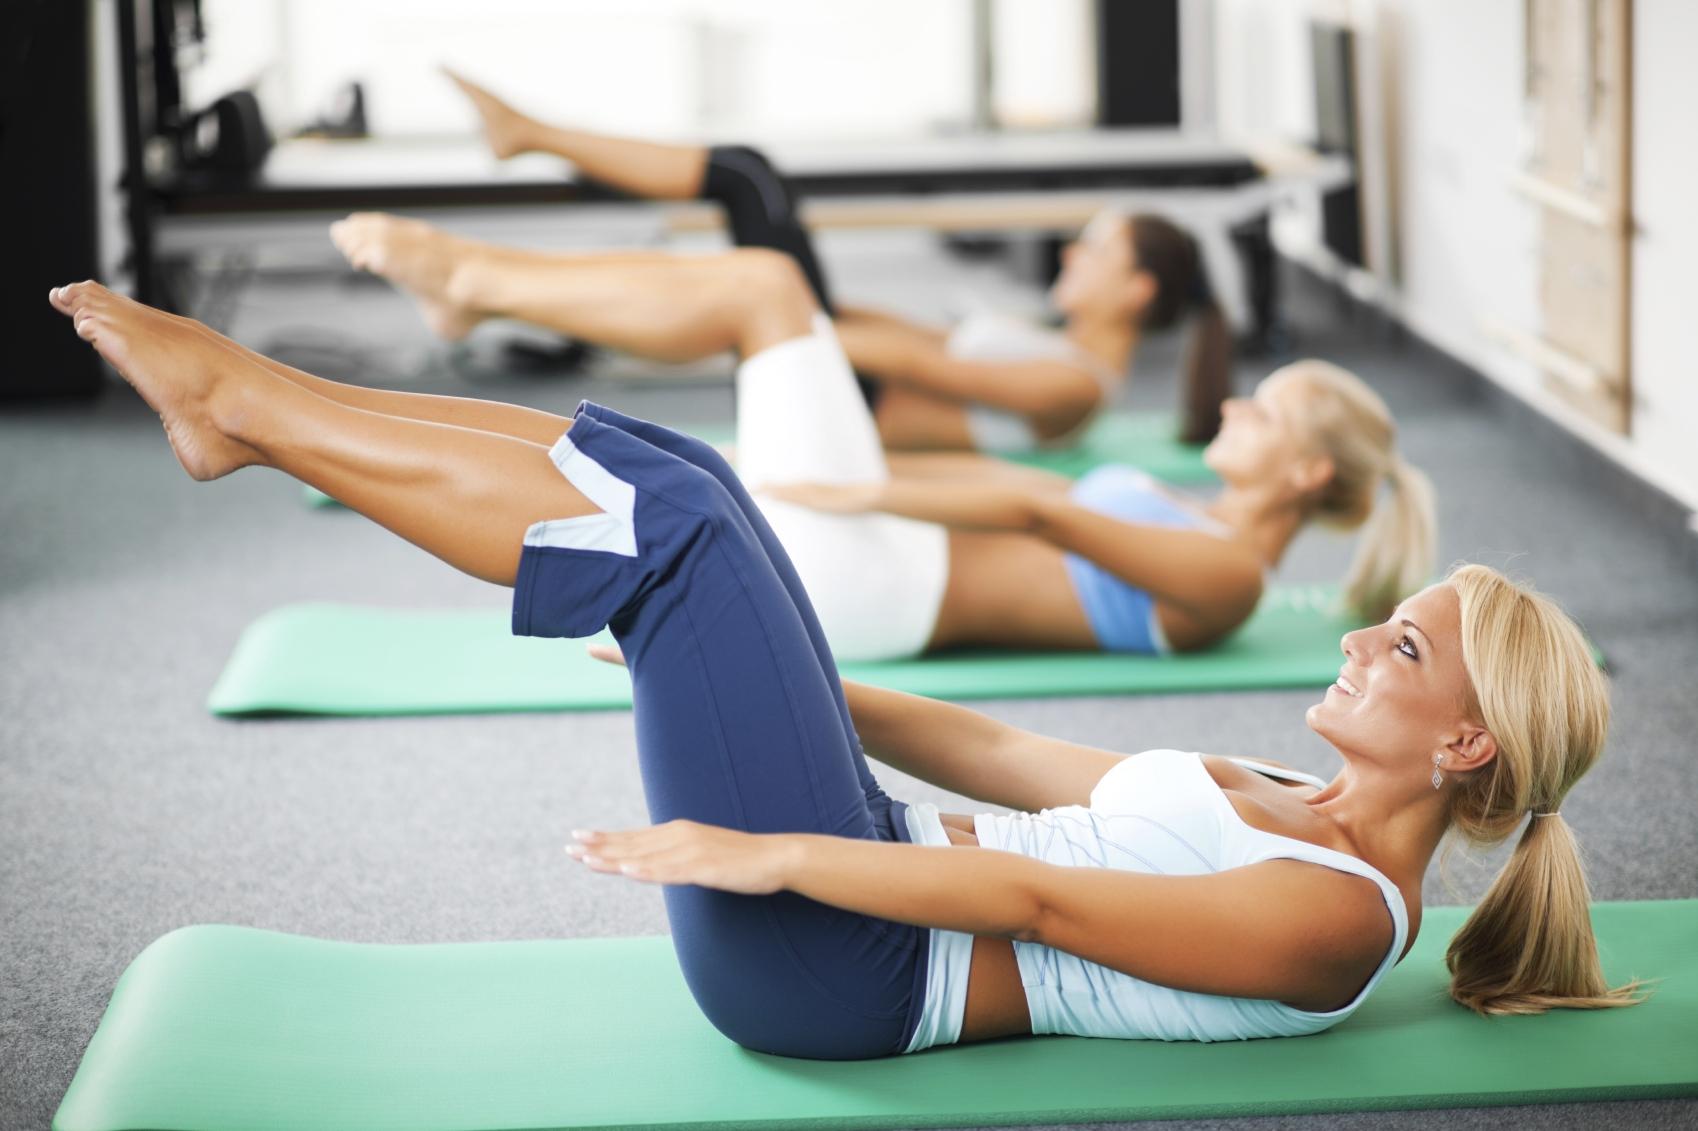 Похудение И Спорт Упражнения. Список лучших упражнений для похудения в домашних условиях для женщин